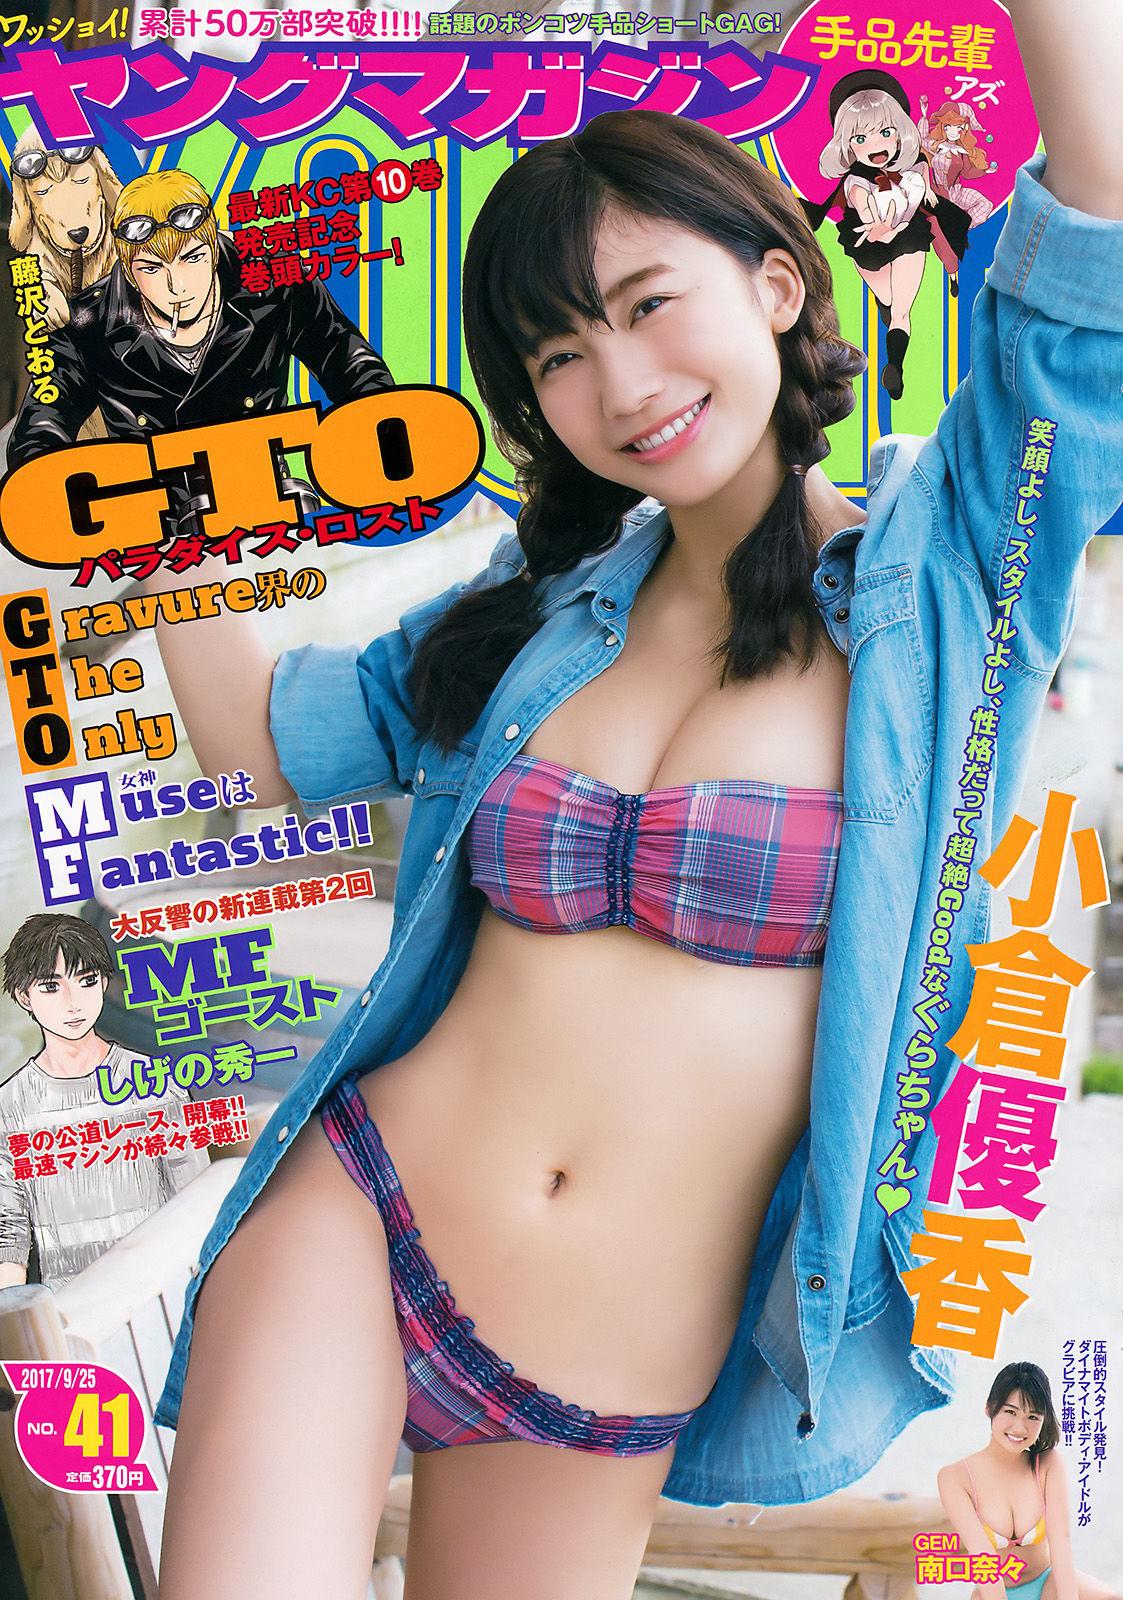 [Young Magazine杂志写真]小仓优香超高清写真大图片(11P) 34热度